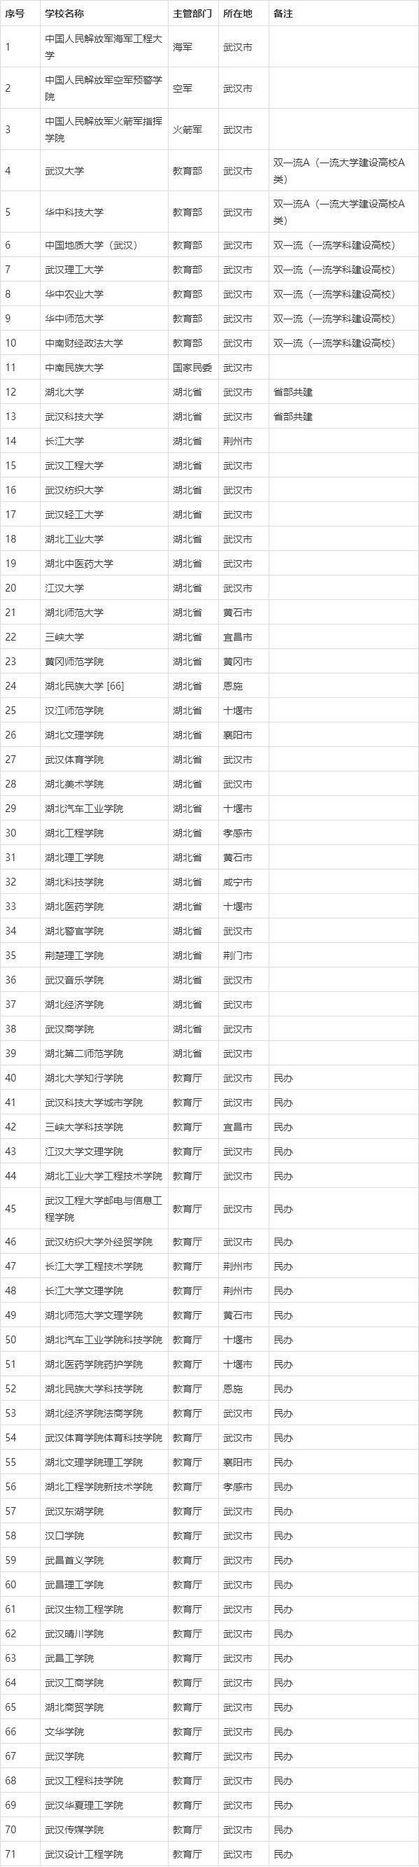 """湖北省拥有71所本科院校,其中7所""""双一流""""建设高校"""